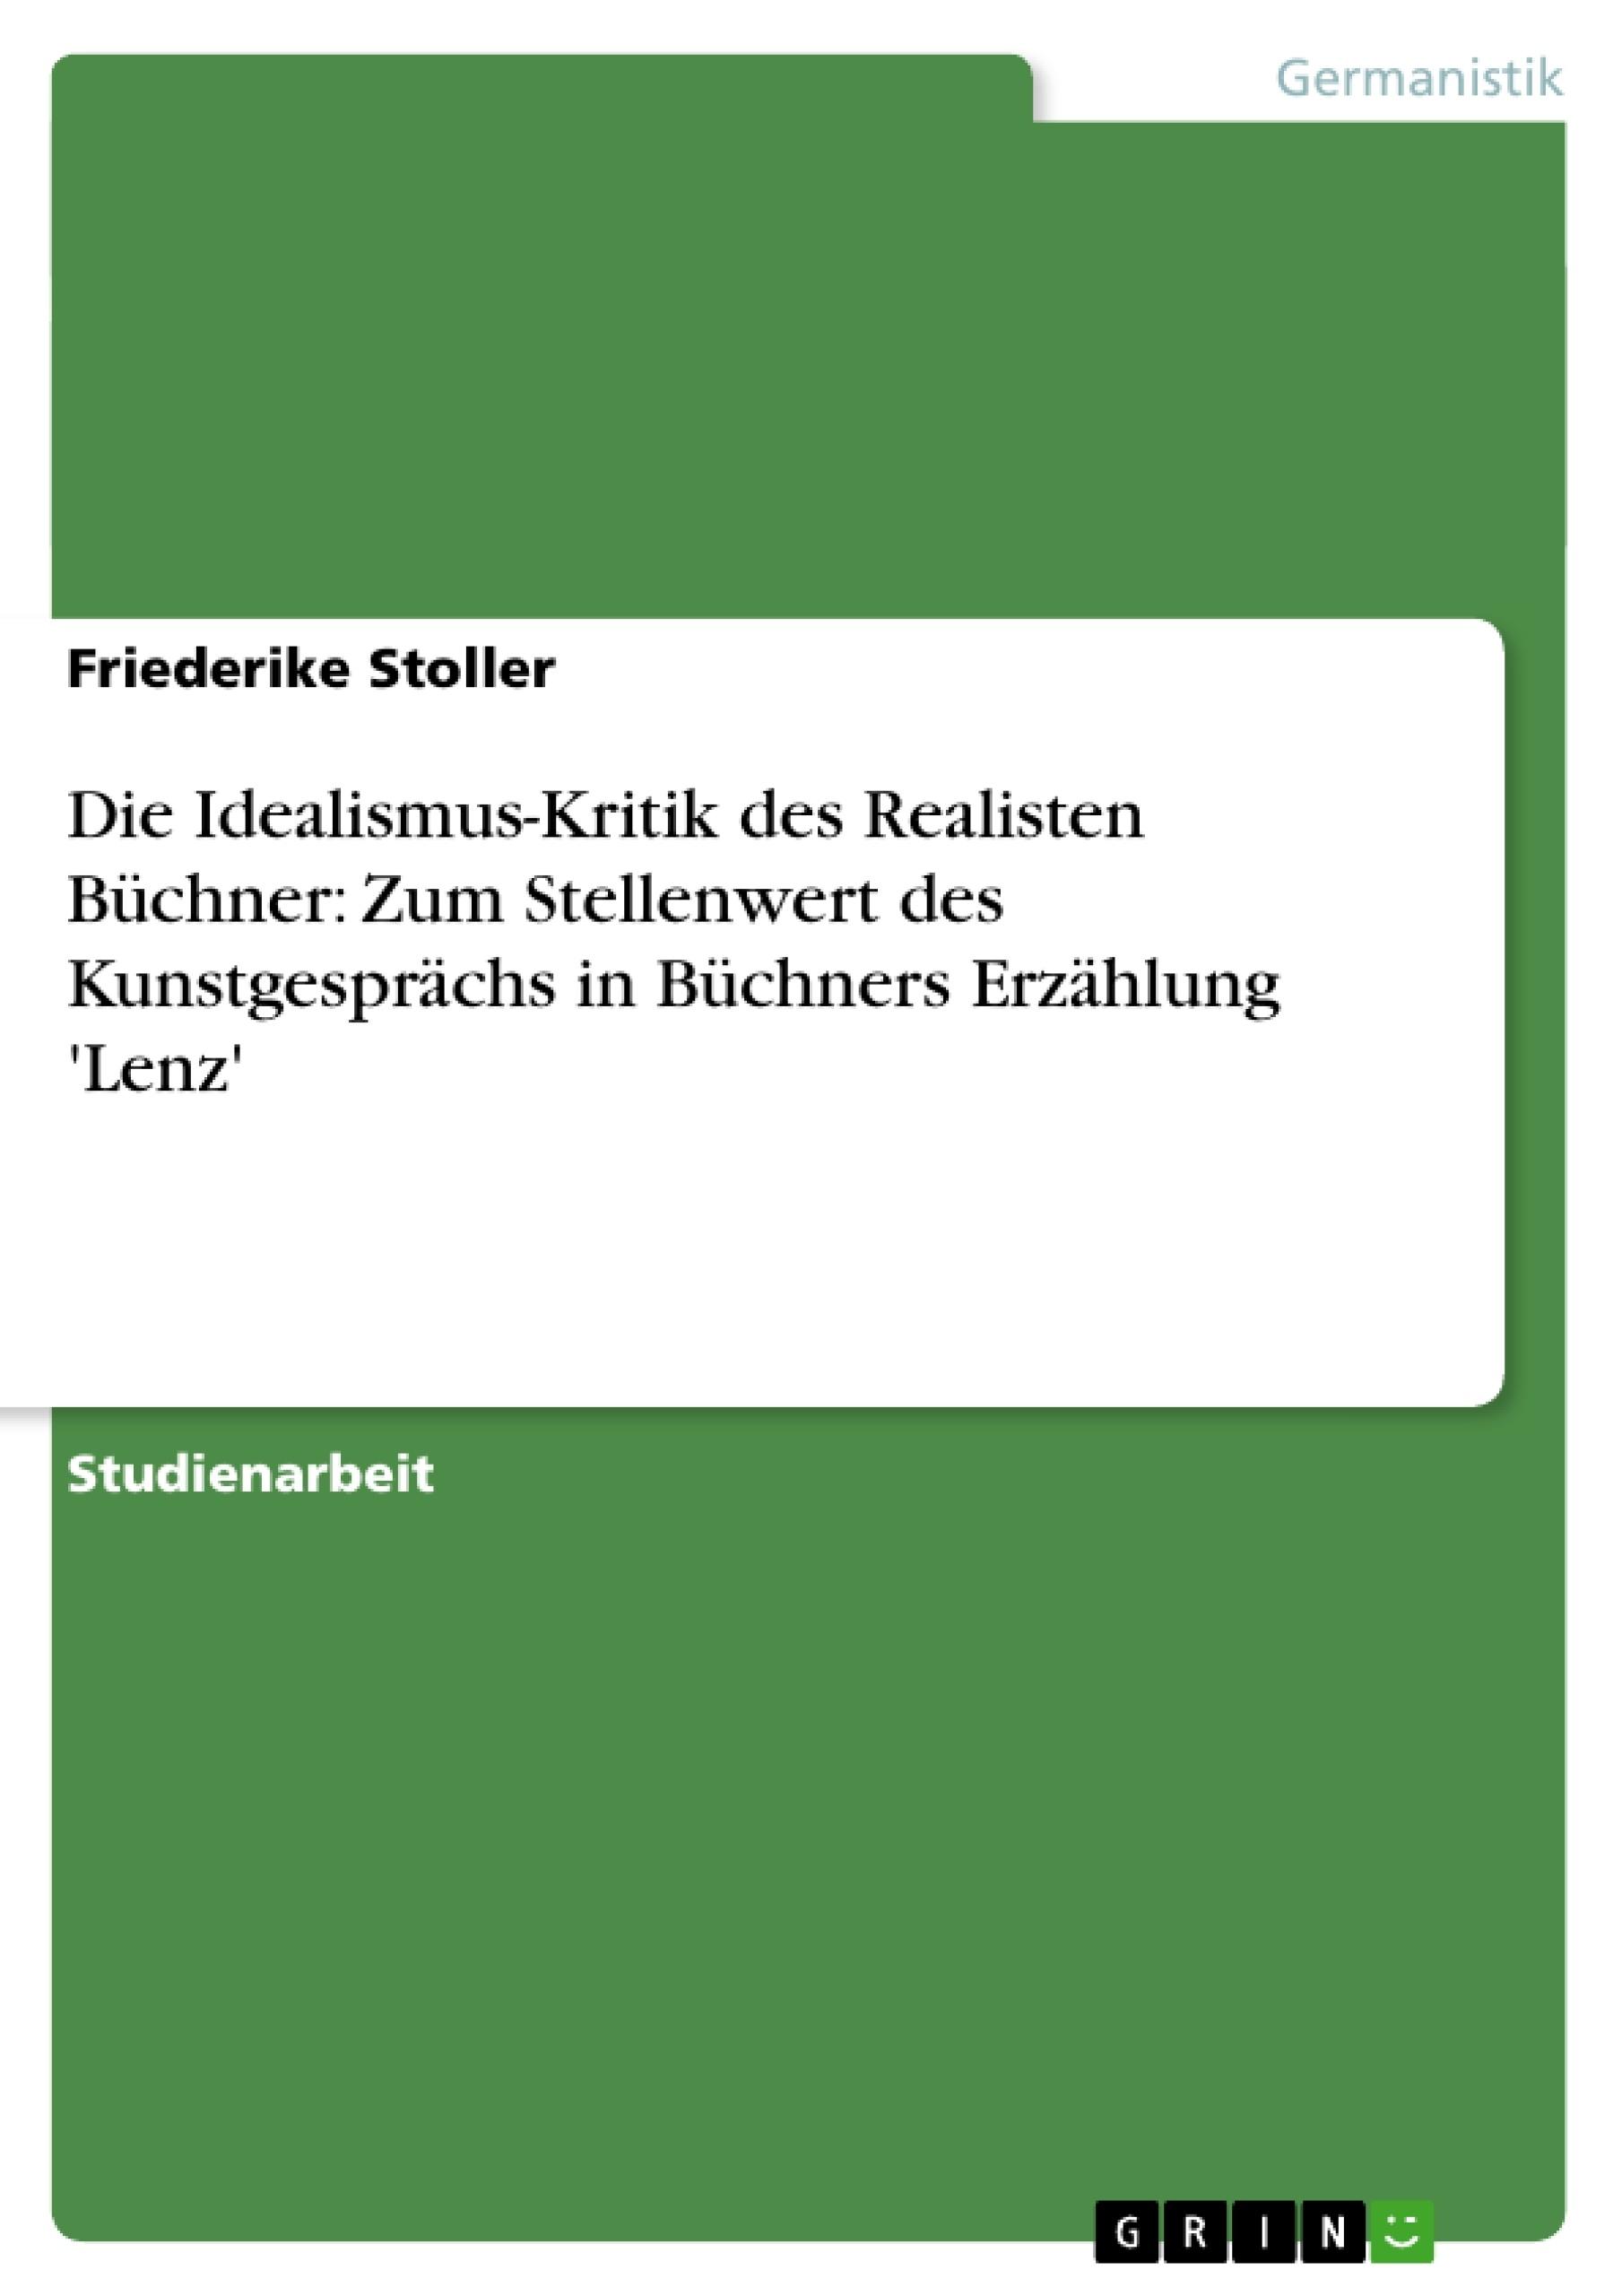 Titel: Die Idealismus-Kritik des Realisten Büchner: Zum Stellenwert des Kunstgesprächs in Büchners Erzählung 'Lenz'